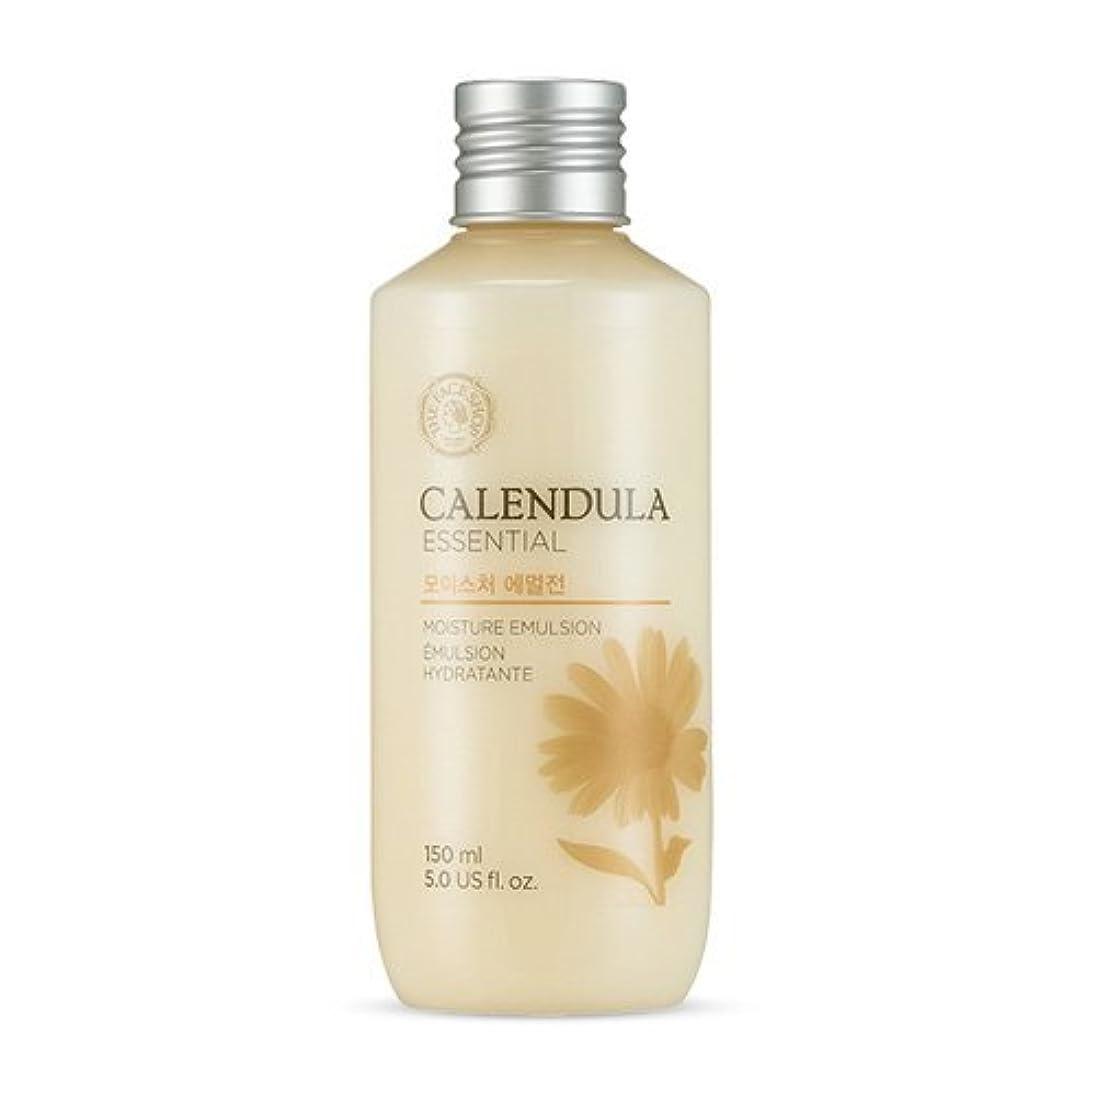 誘惑骨トマトTHE FACE SHOP Calendula Essential Moisture Emulsion 150ml/ザフェイスショップ カレンデュラ エッセンシャル モイスチャー エマルジョン 150ml